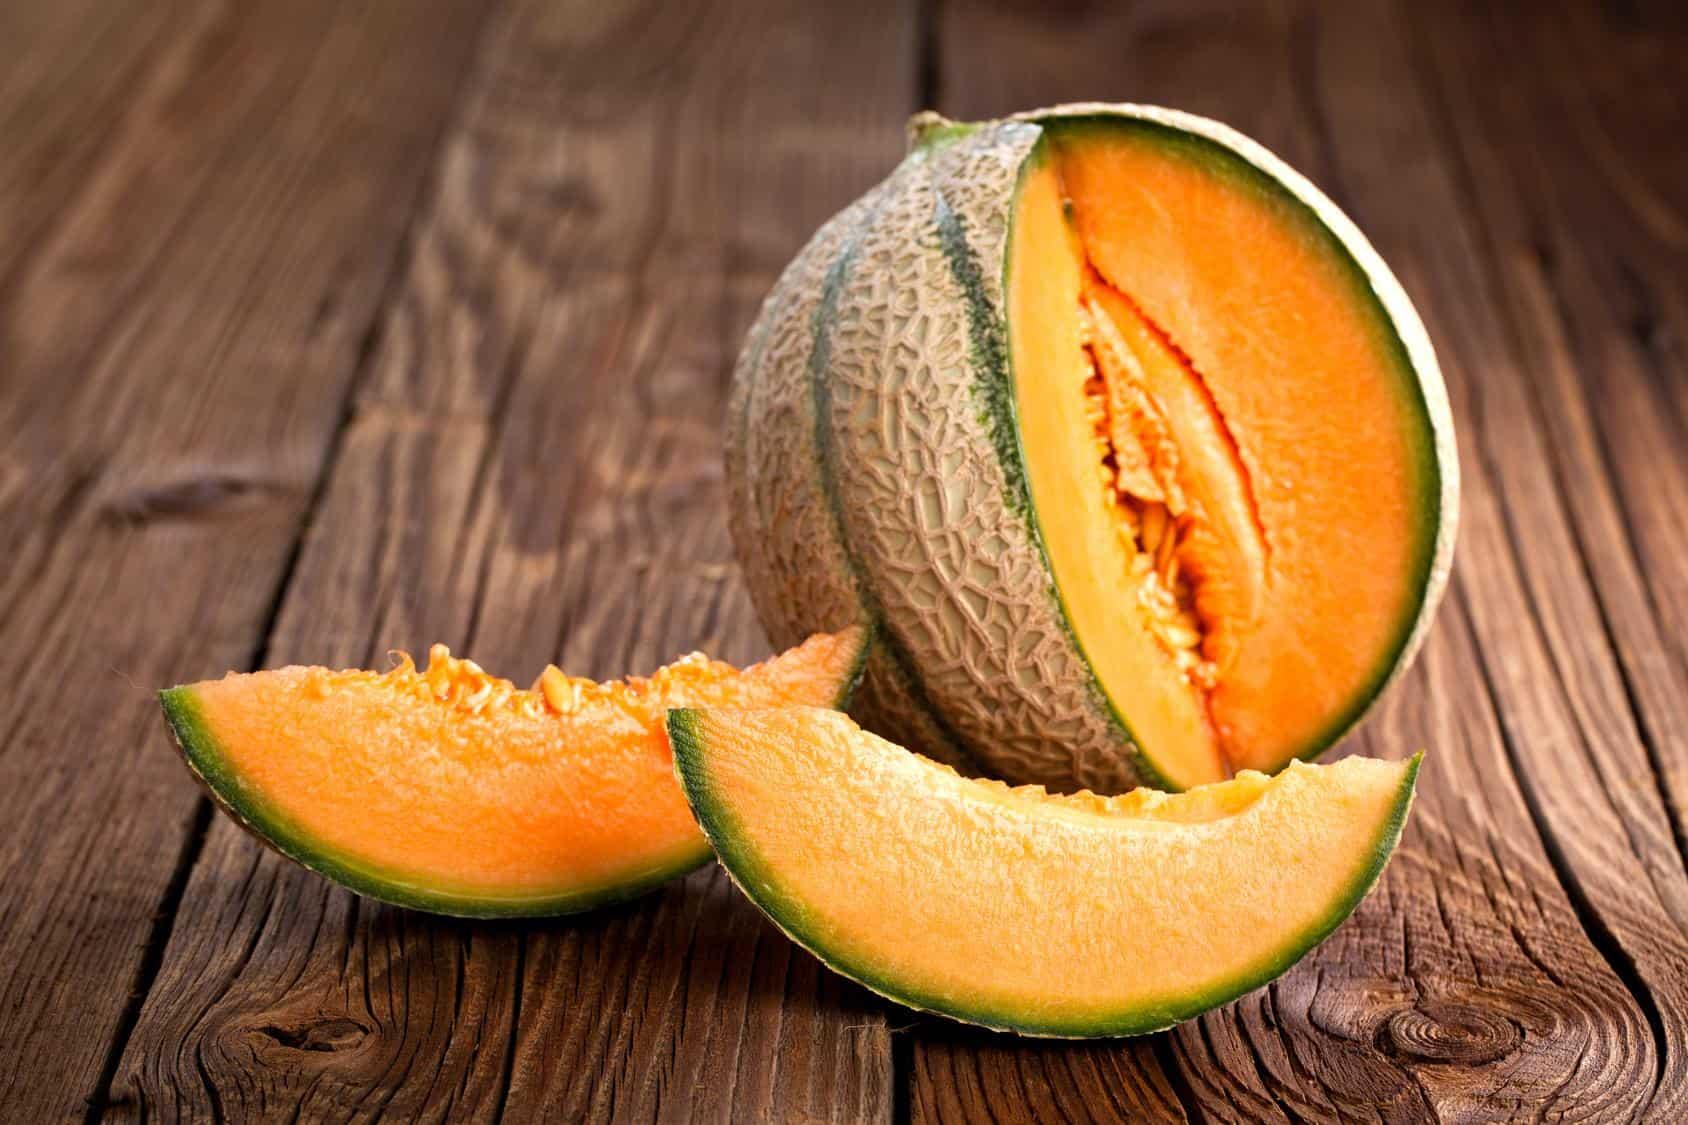 وصفات البطيخ الأصفر الصحية والمنعشة